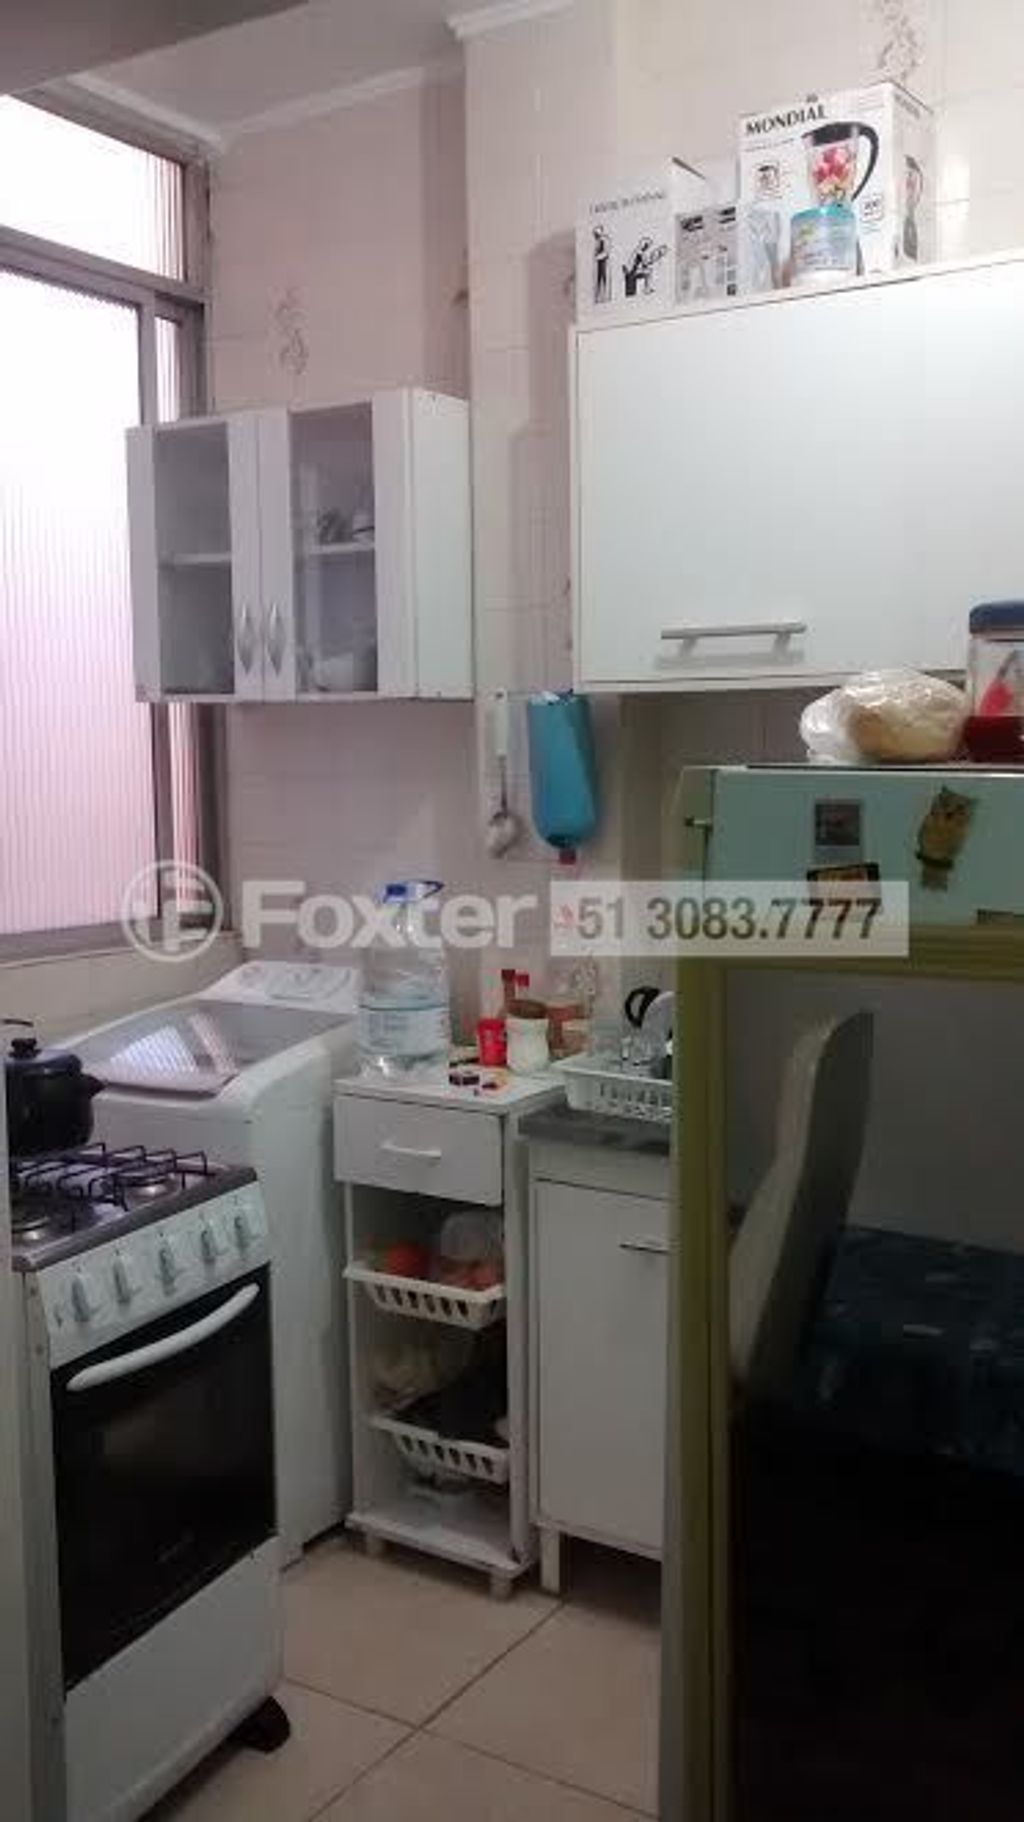 Foxter Imobiliária - Apto 1 Dorm, Petrópolis - Foto 4